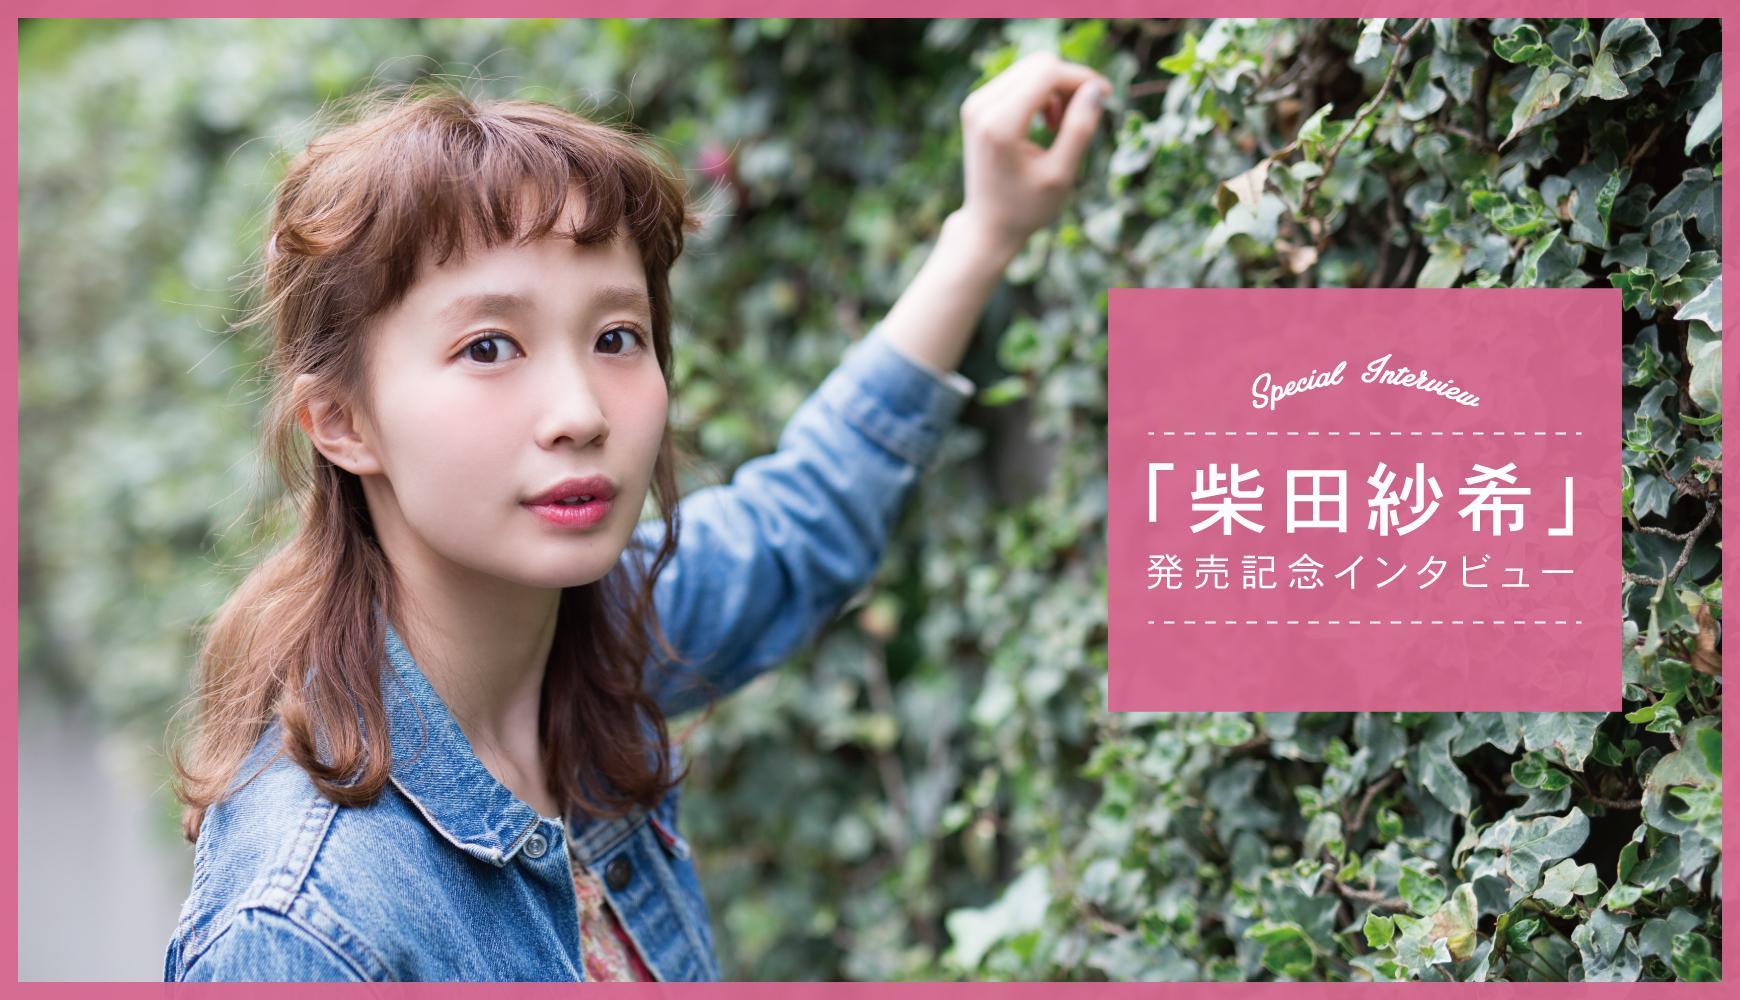 柴田紗希へまるっとインタビュー! スタイルブック『柴田紗希』への想いとその見どころは?